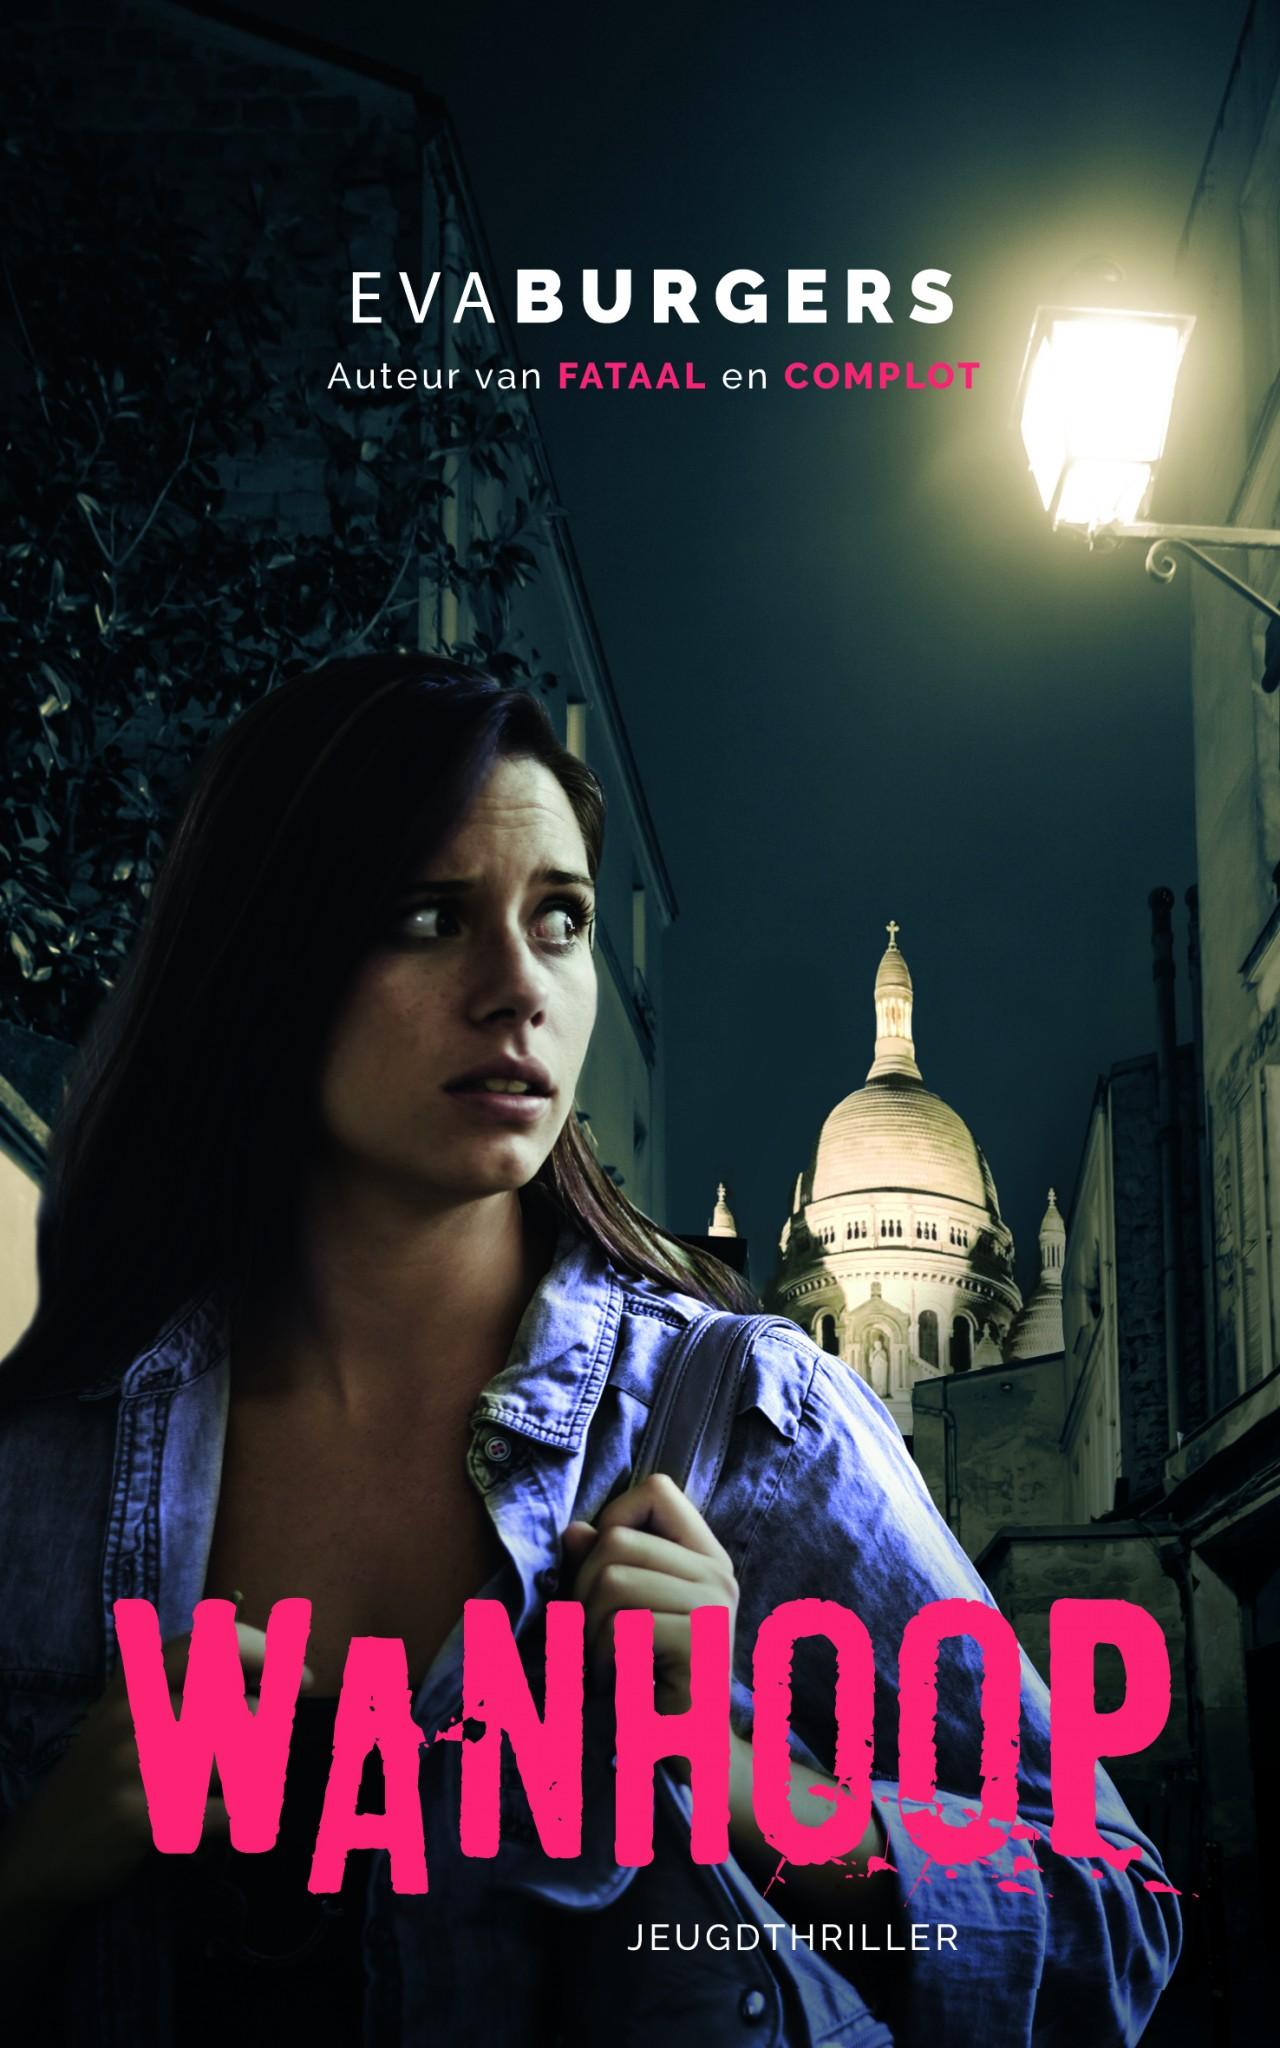 Het boek 'Wanhoop' van Eva Burgers is één van de elf Leestips van de Jonge Jury 2020